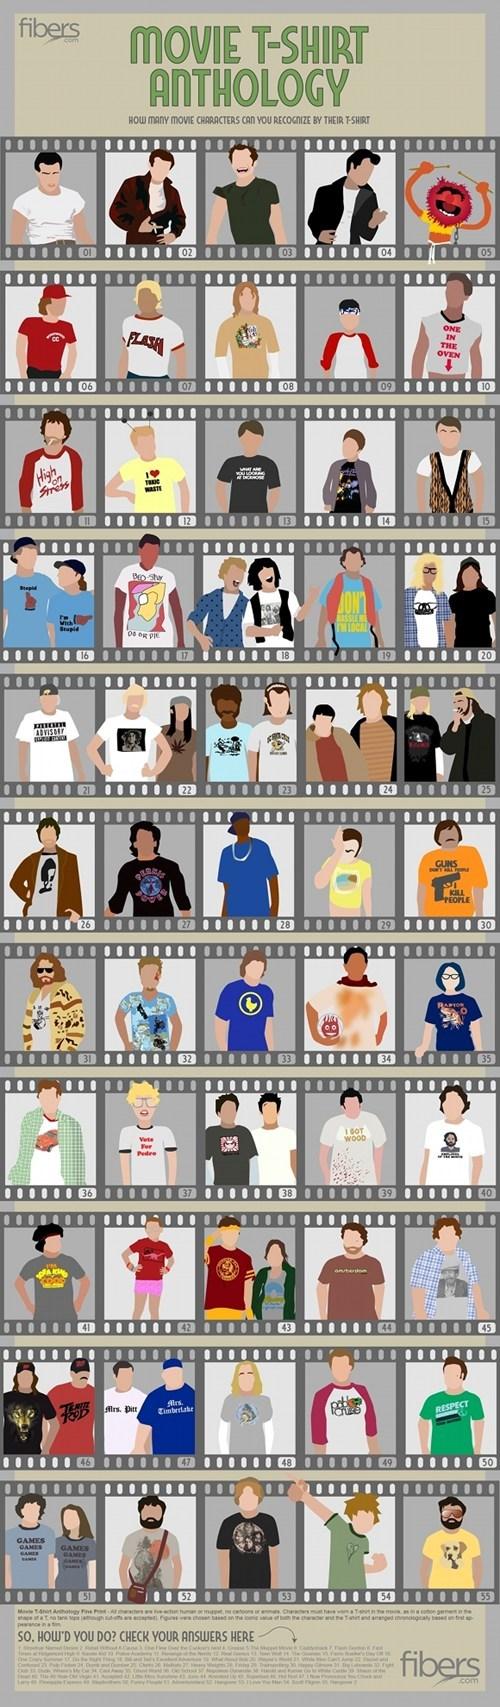 movie t-shirt anthology quiz